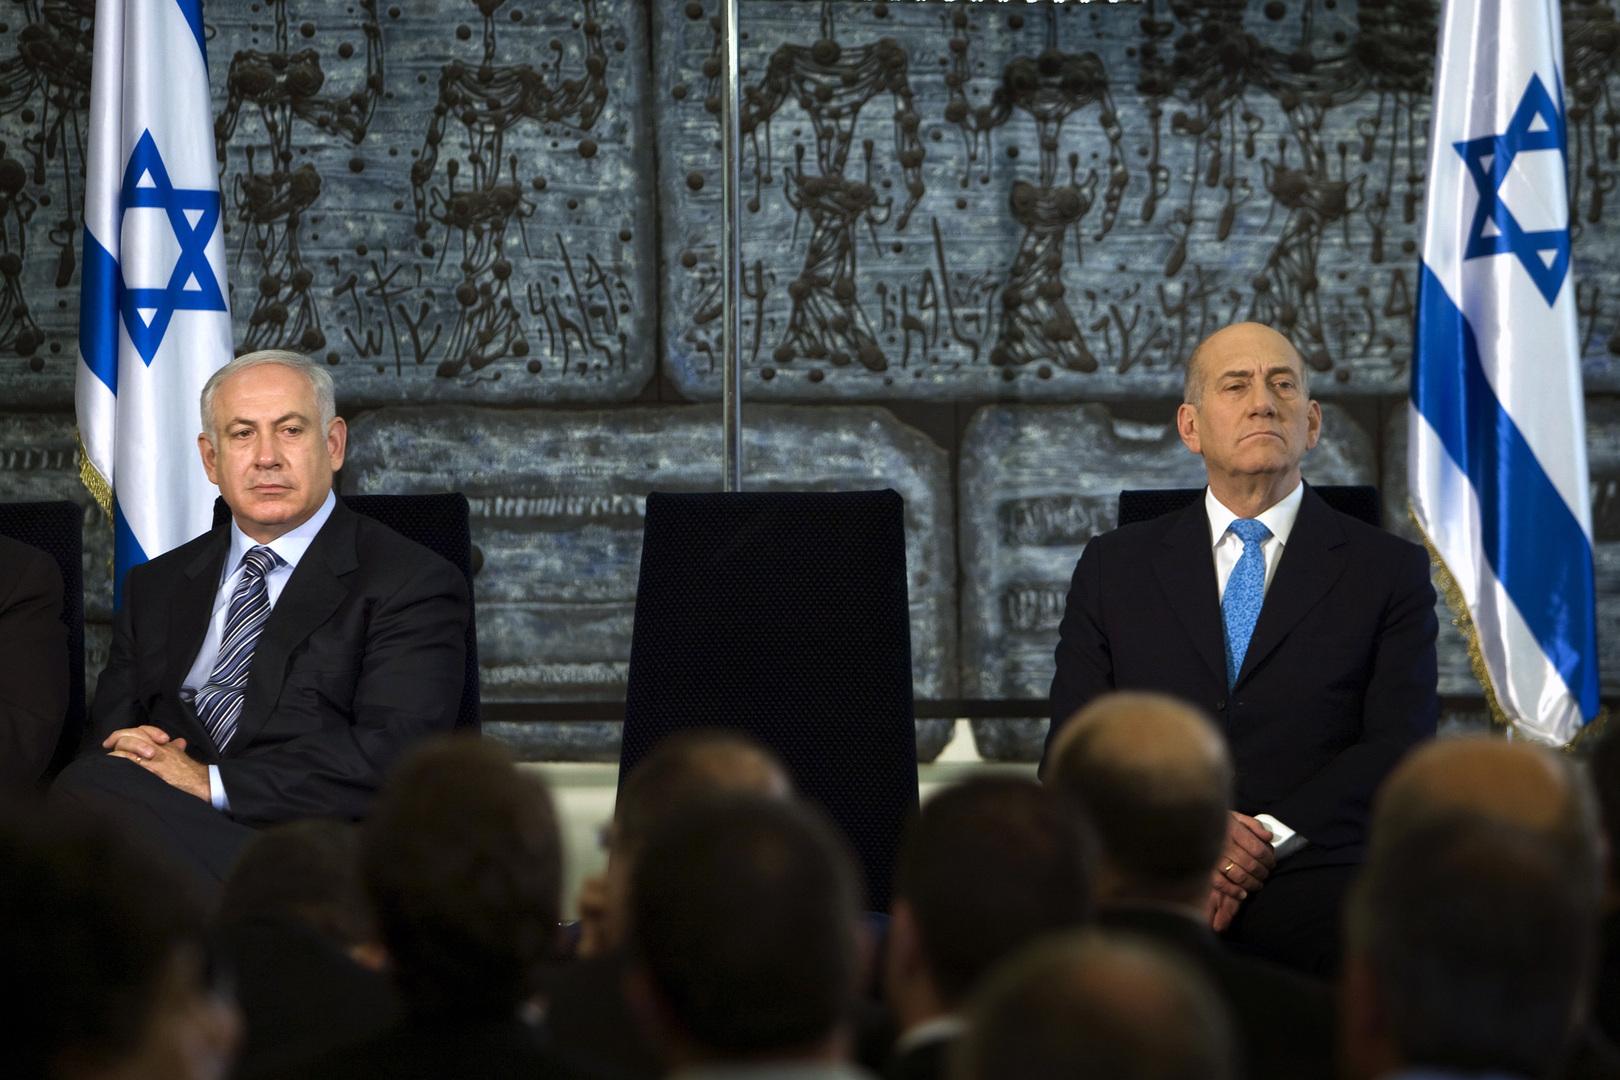 رئيس الوزراء الإسرائيلي بنيامين نتنياهو ورئيس الحكومة الإسرائيلية الأسبق إيهود أولمرت